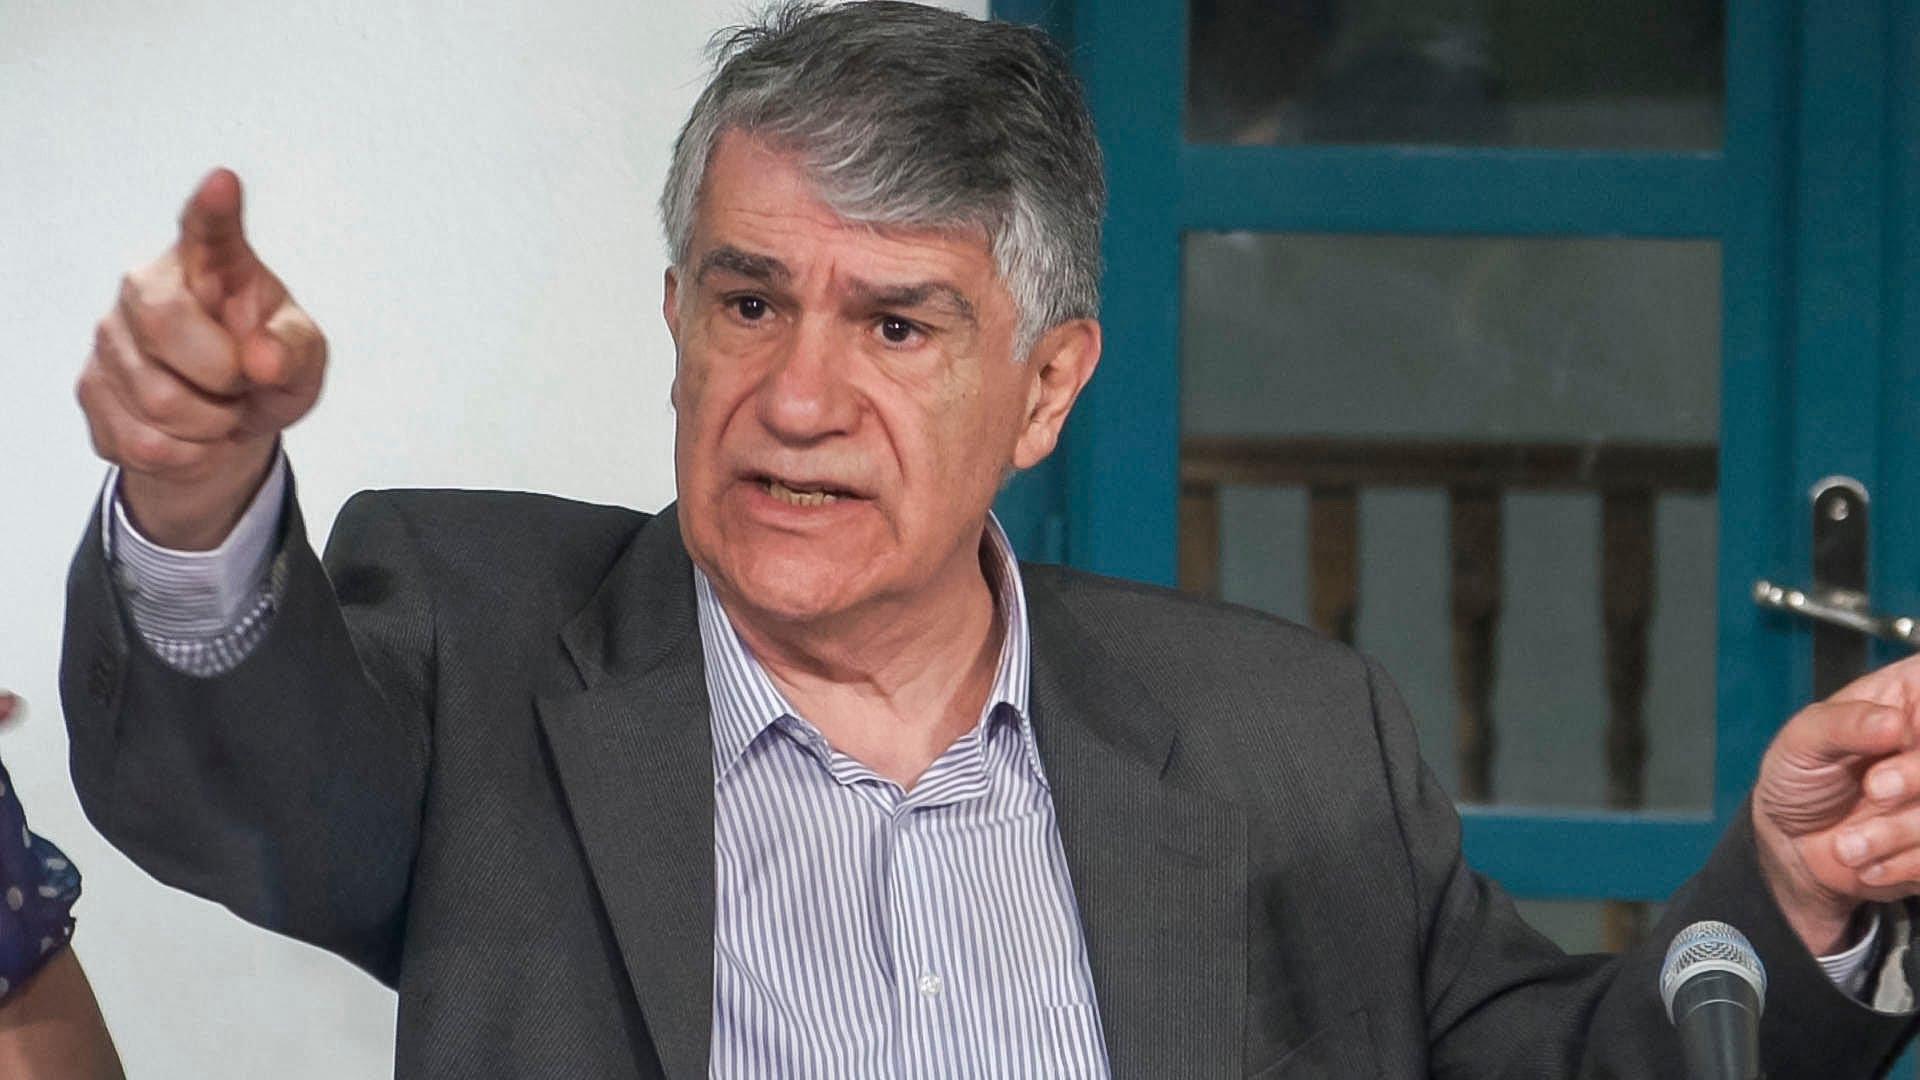 Καθηγητής Γιώργος Κοντογιώργης: Το πολιτικό σύστημα οδήγησε στη συρρίκνωση και καταστροφή του Ελληνισμού